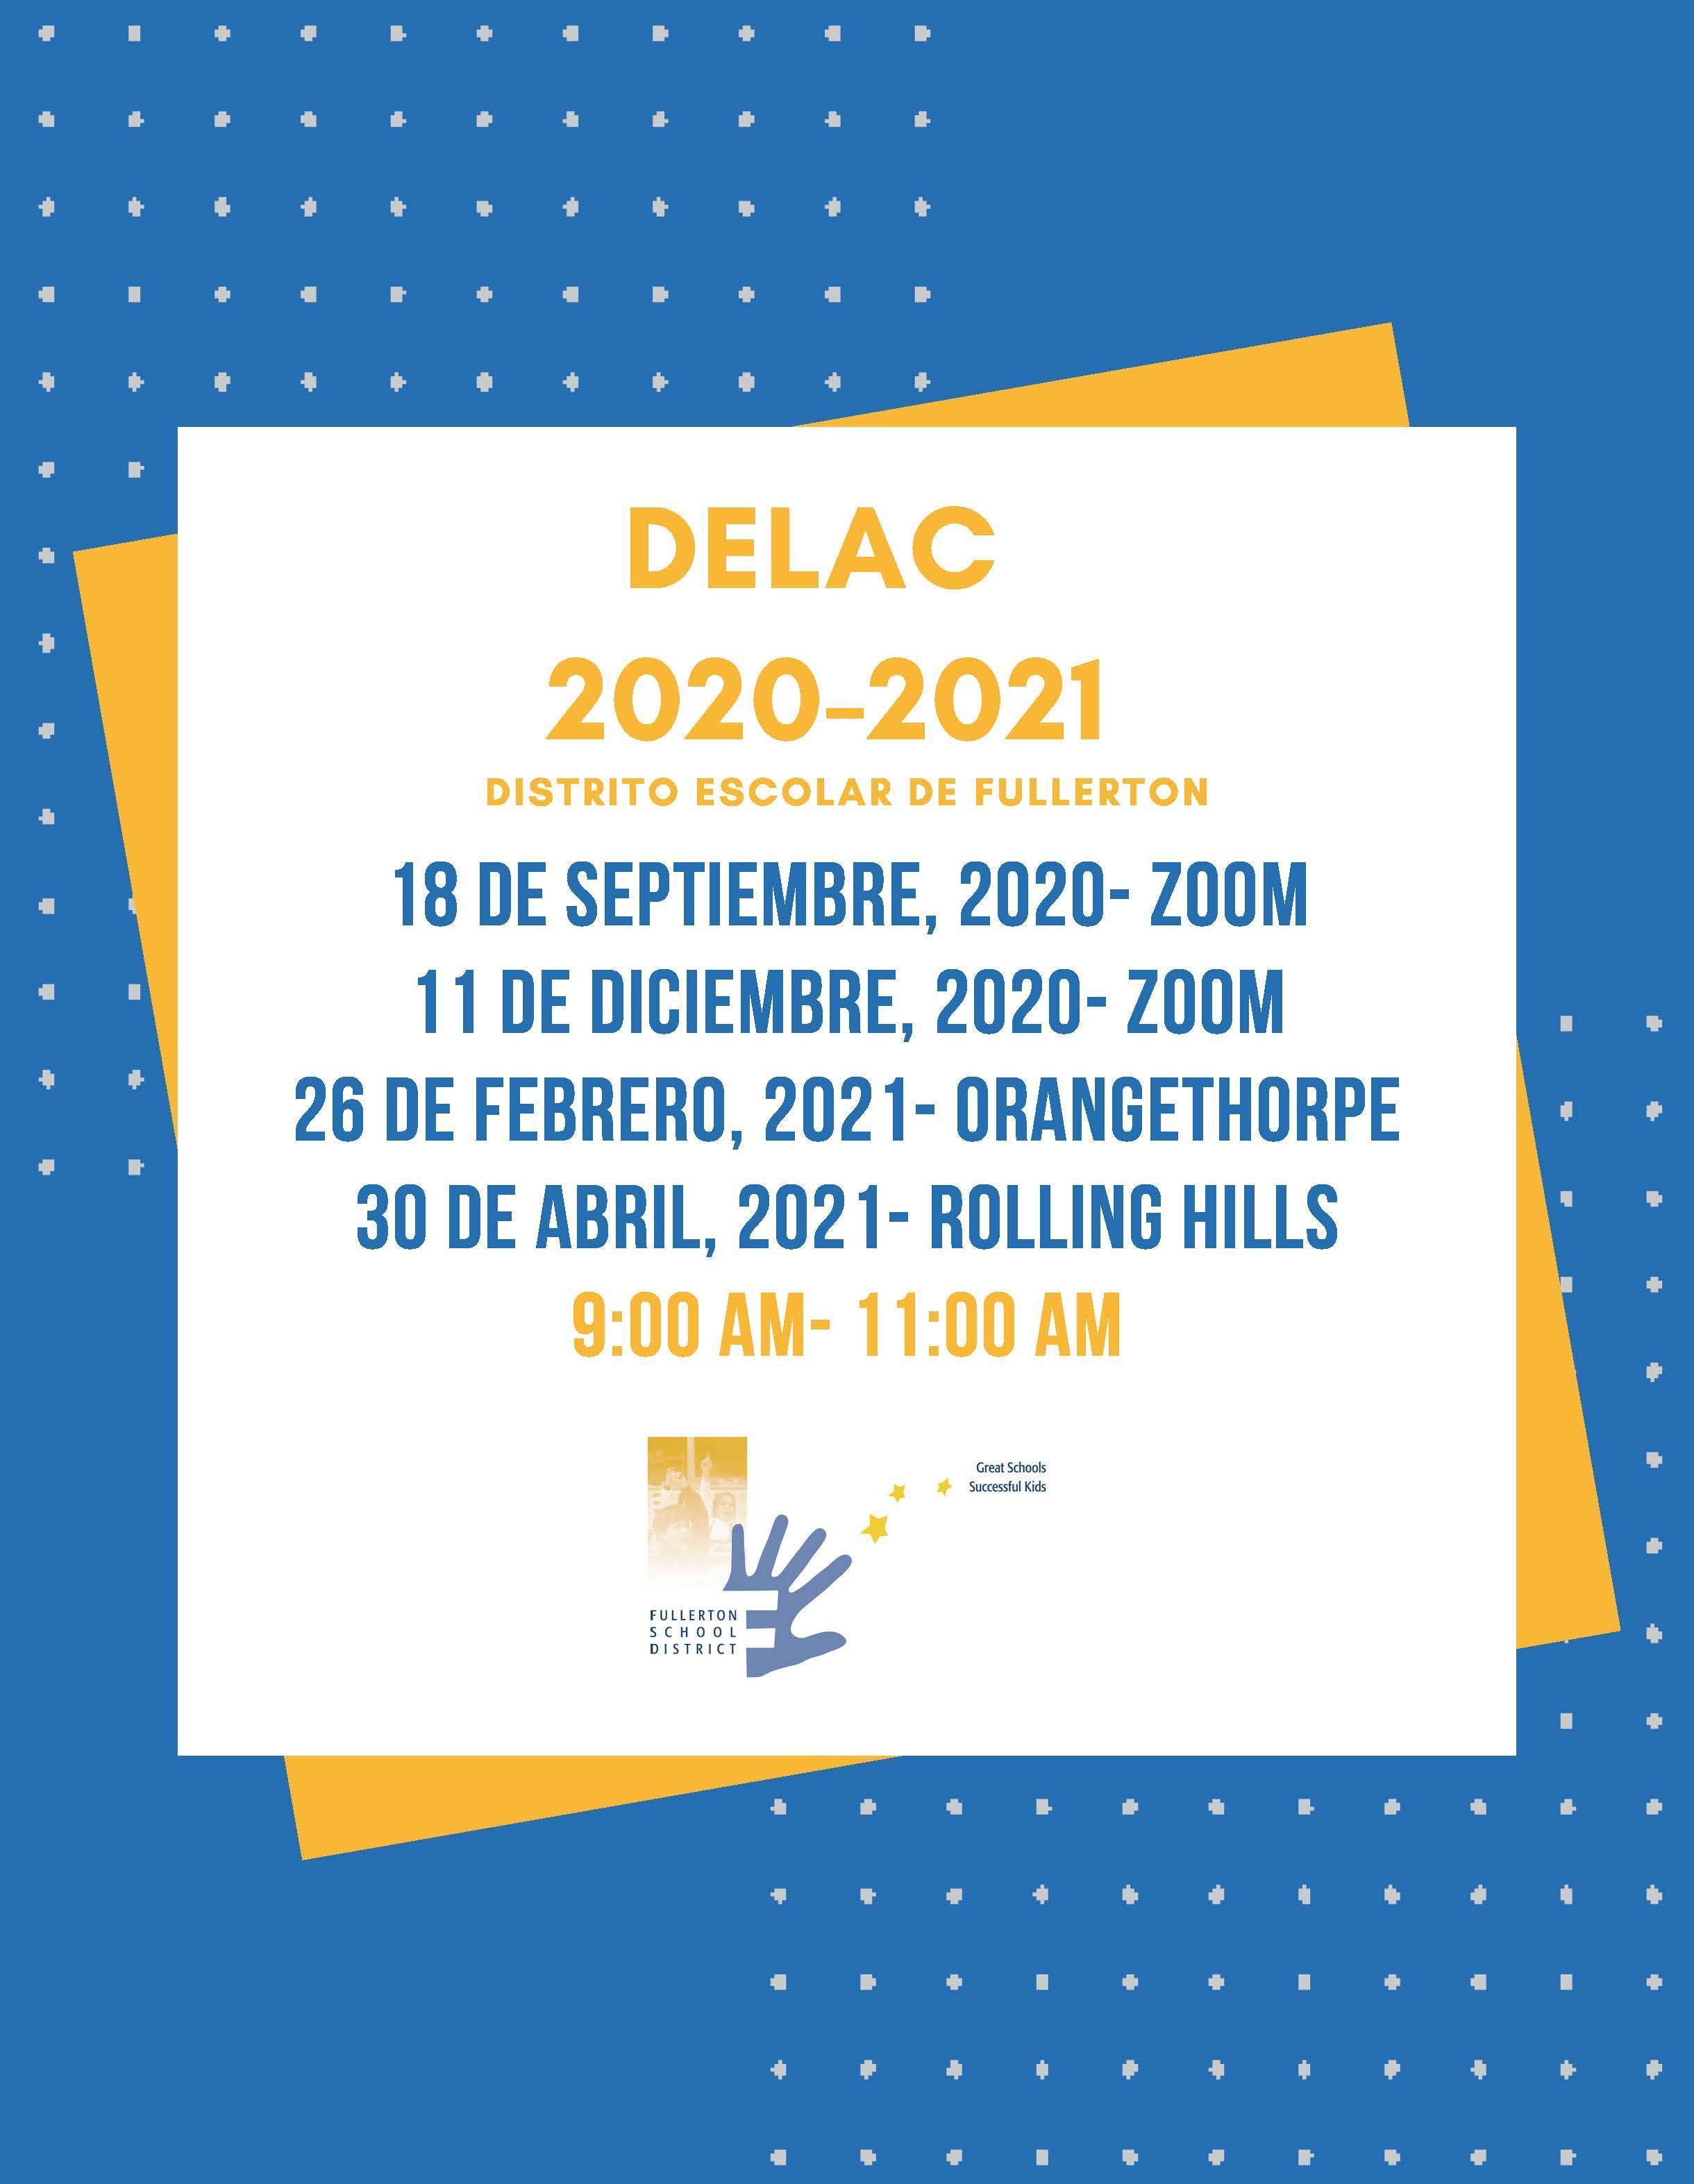 DELAC 20-21 Dates Spanish